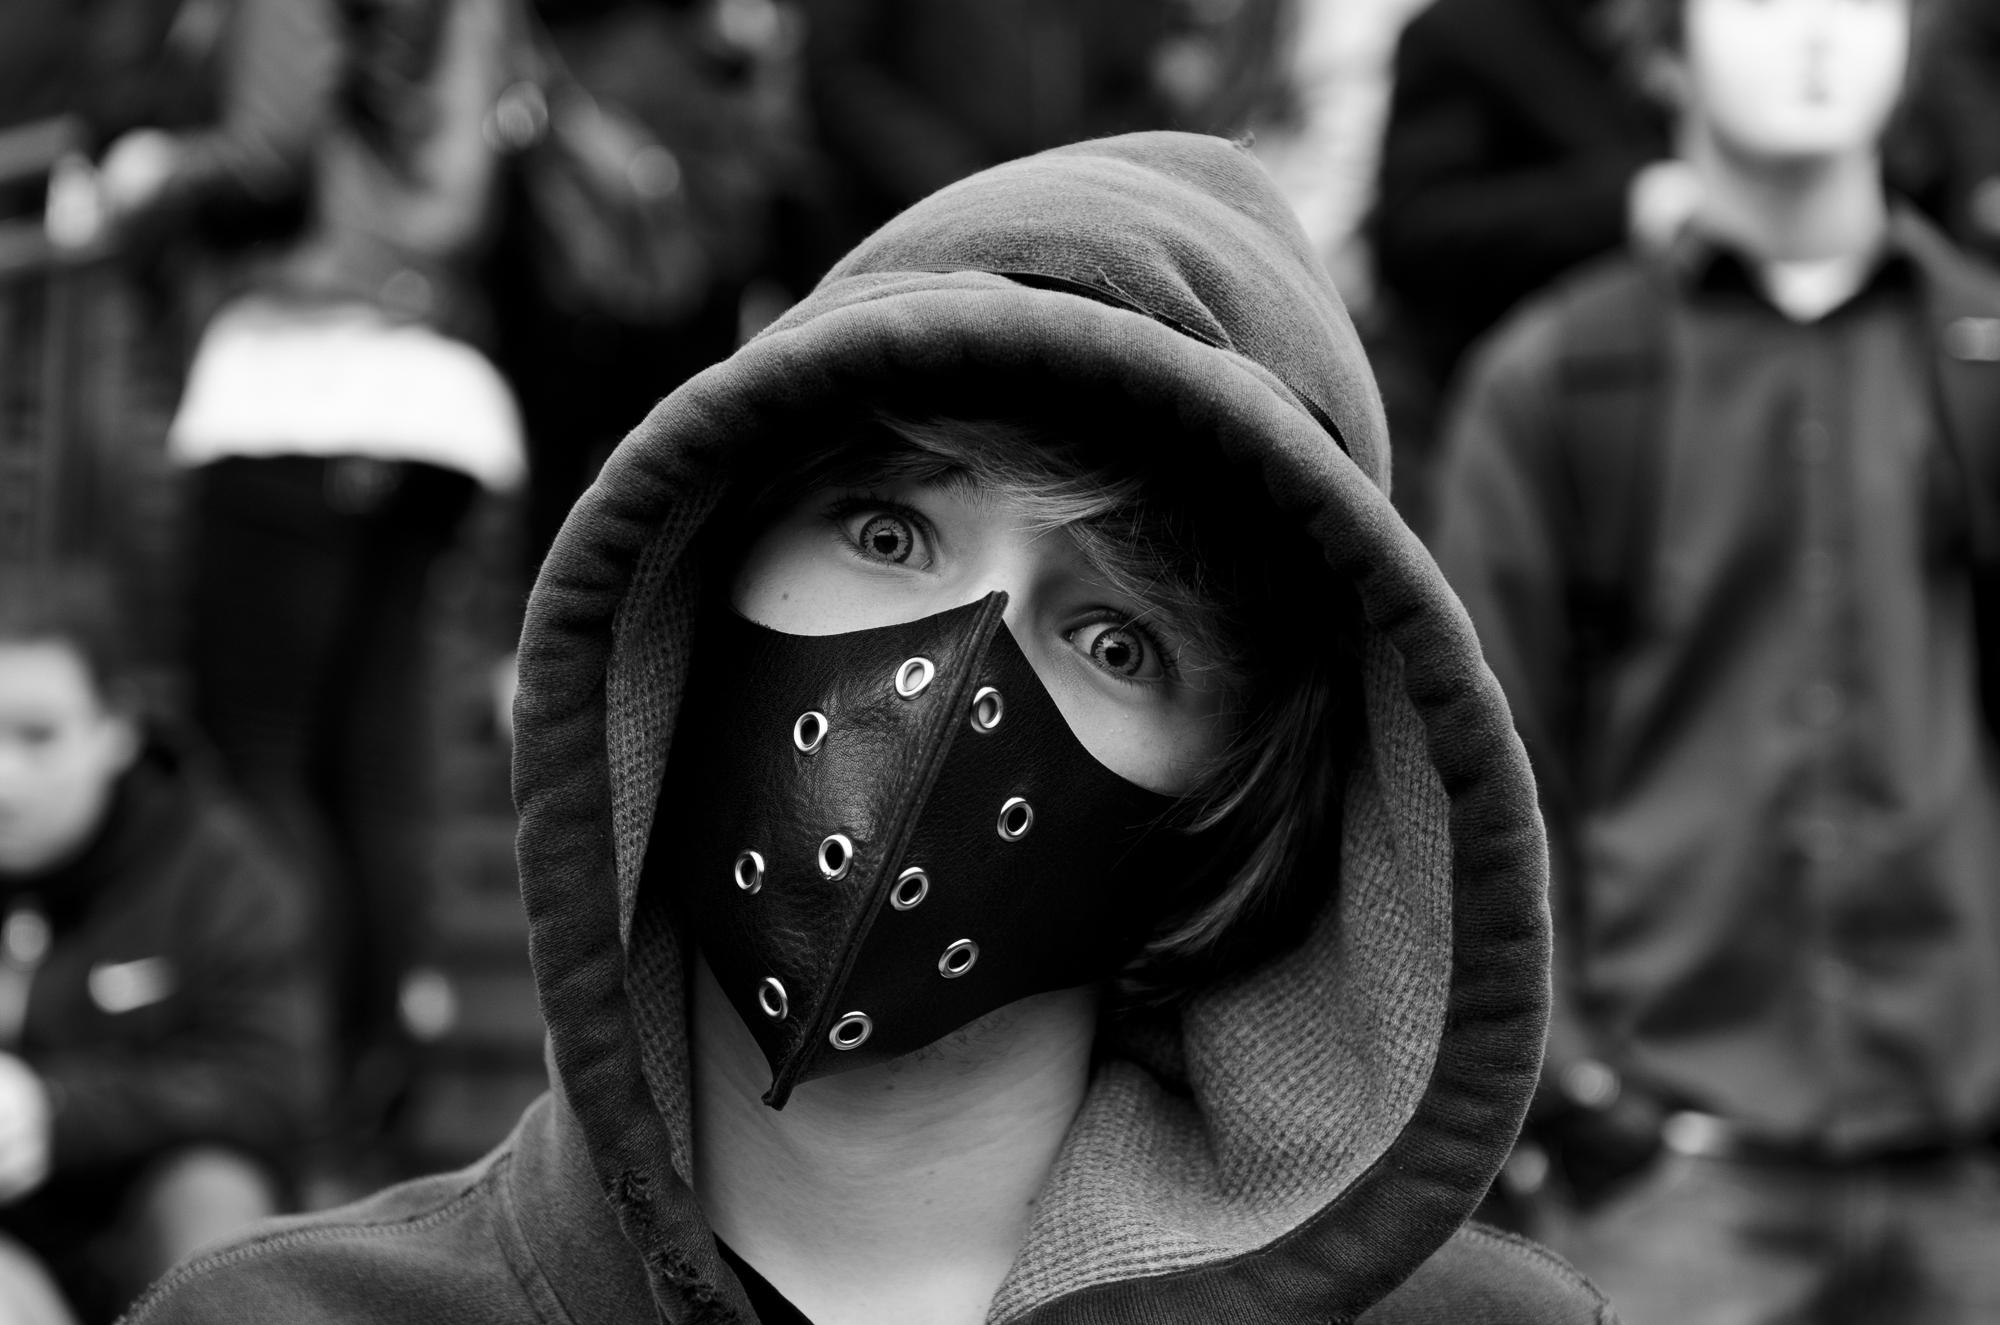 Rally against the ACTA - Bastille  PHOTOGRAPHY: ALEXANDER J.E. BRADLEY • NIKON D7000 • AF-S NIKKOR 24-70mm f/2.8G ED @ 24mm • F/2.8 • 1/320 • ISO 320